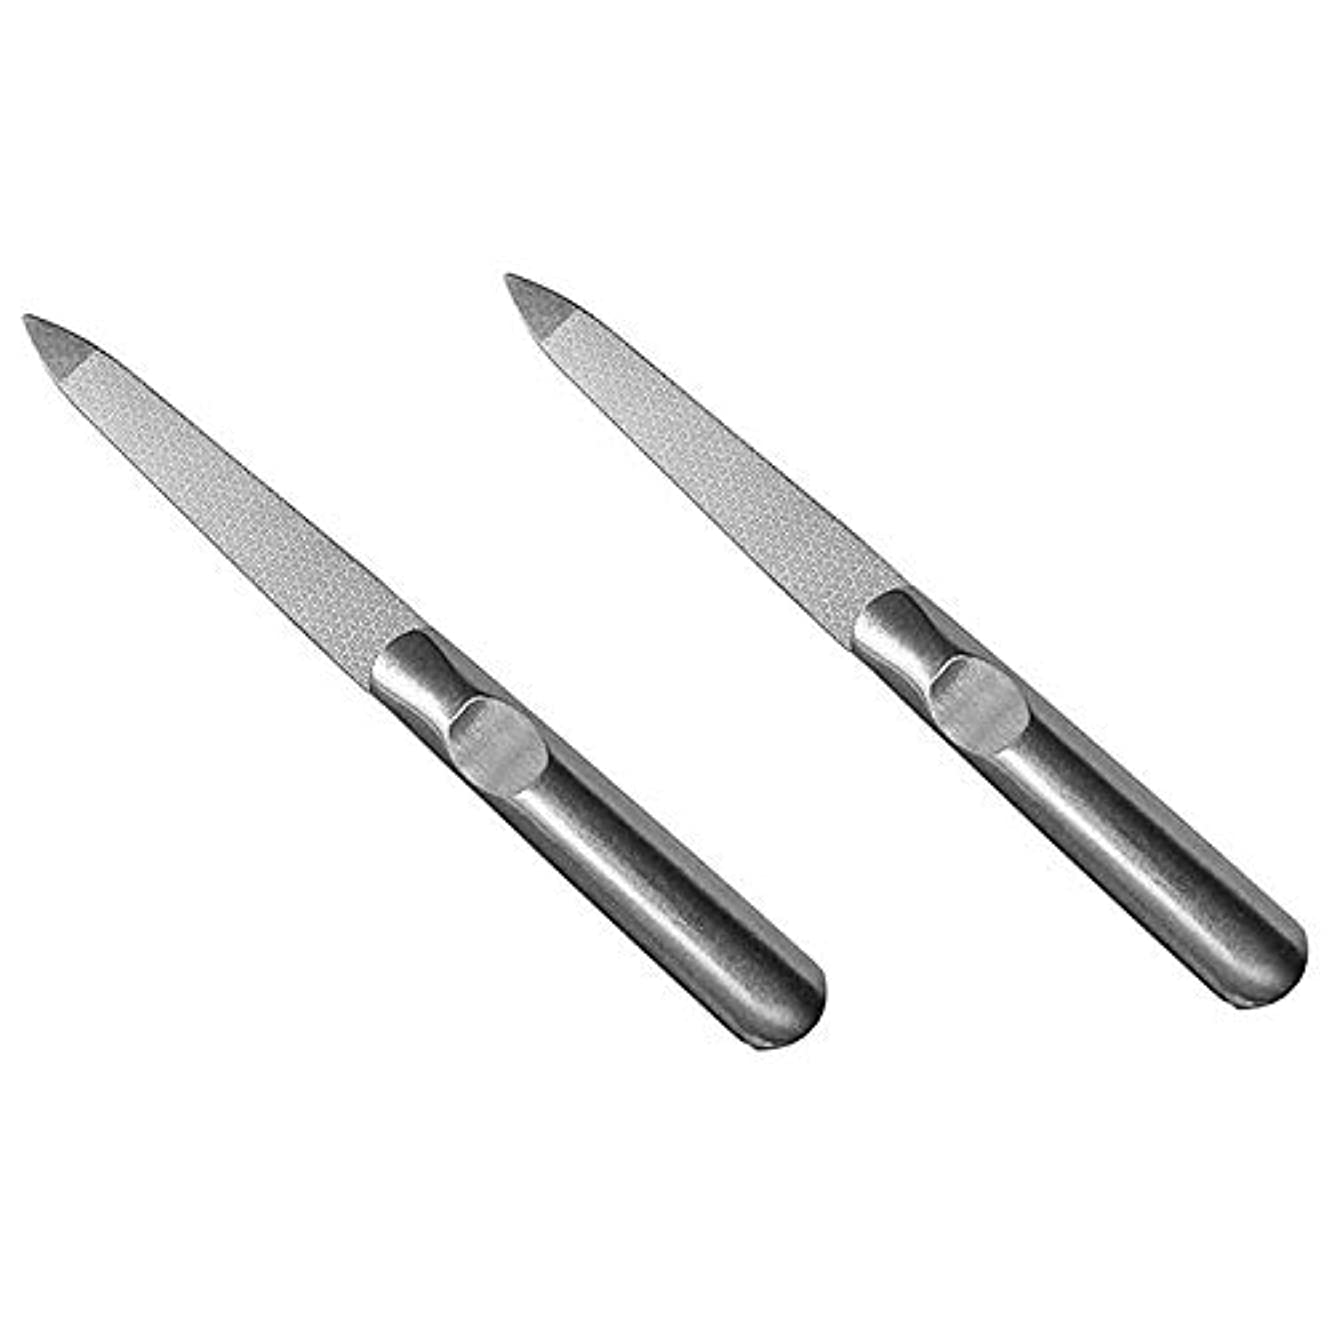 オーバーフロー解明するチューブSemoic 2個 ステンレススチール ネイルファイル 両面マット アーマー美容ツール Yangjiang爪 腐食の防止鎧